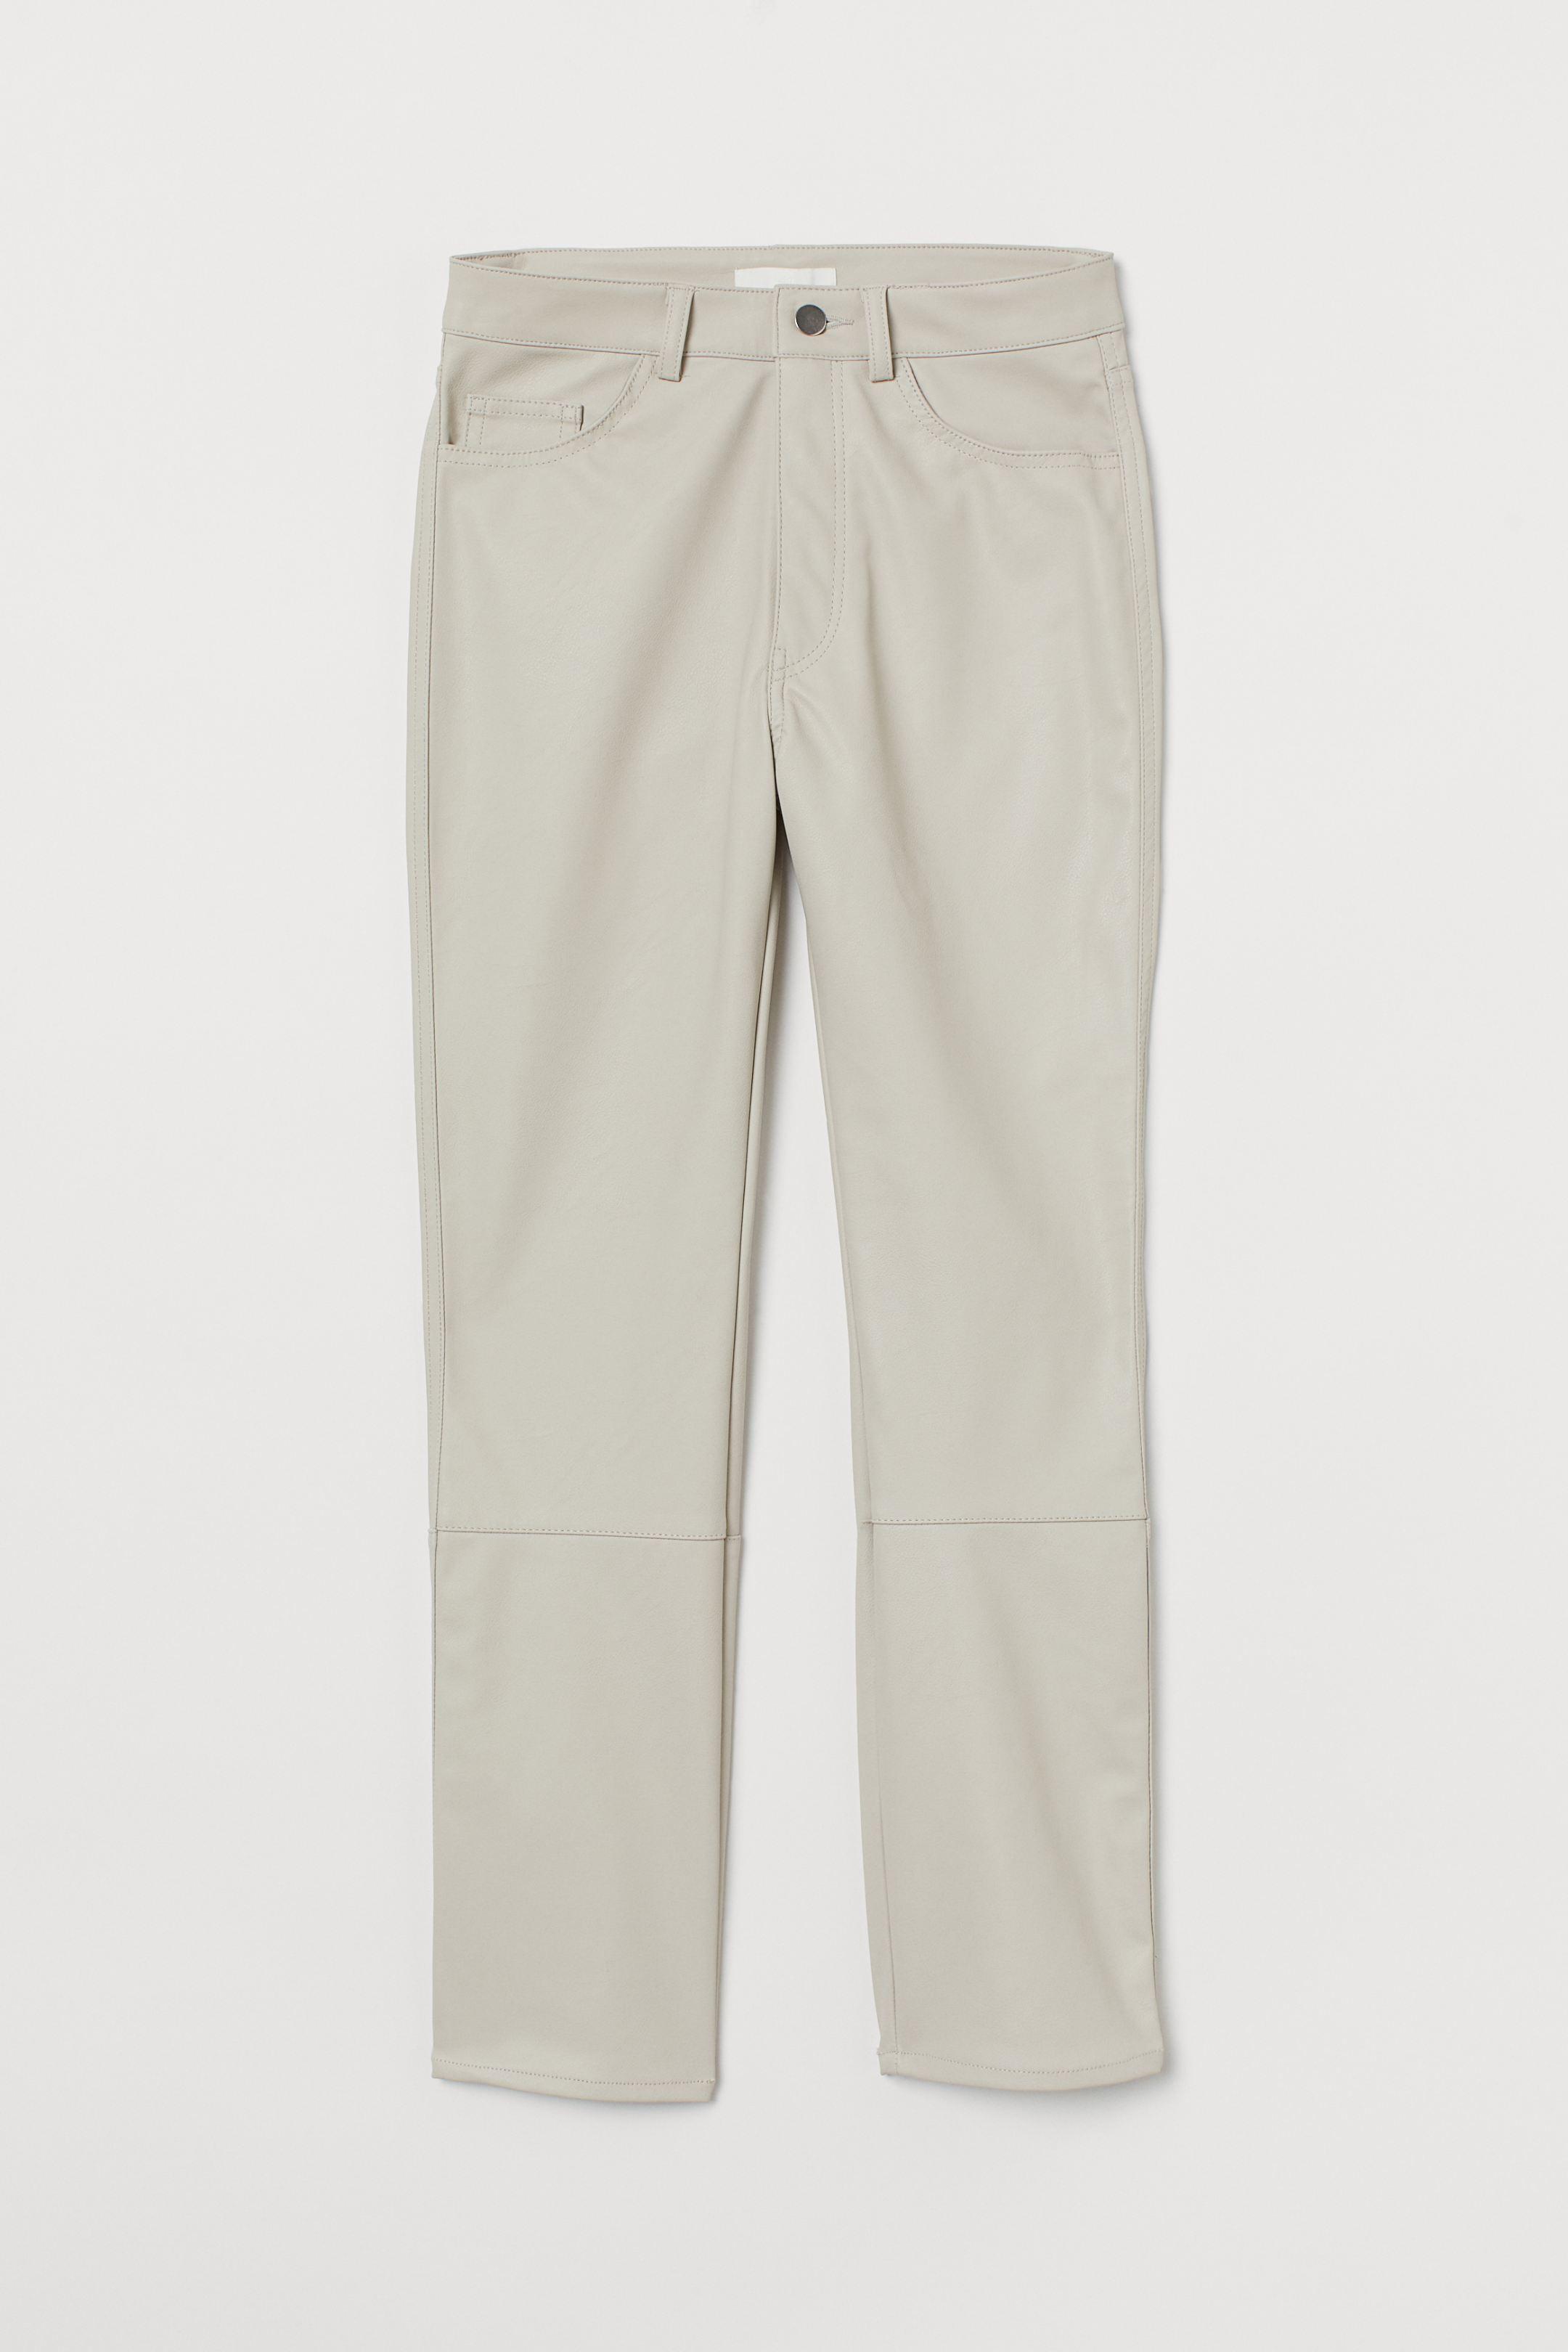 Pantalón tobillero de cinco bolsillos en piel sintética. Modelo de talle alto con cierre de cremallera con botón y perneras rectas con costuras sobre las rodillas.